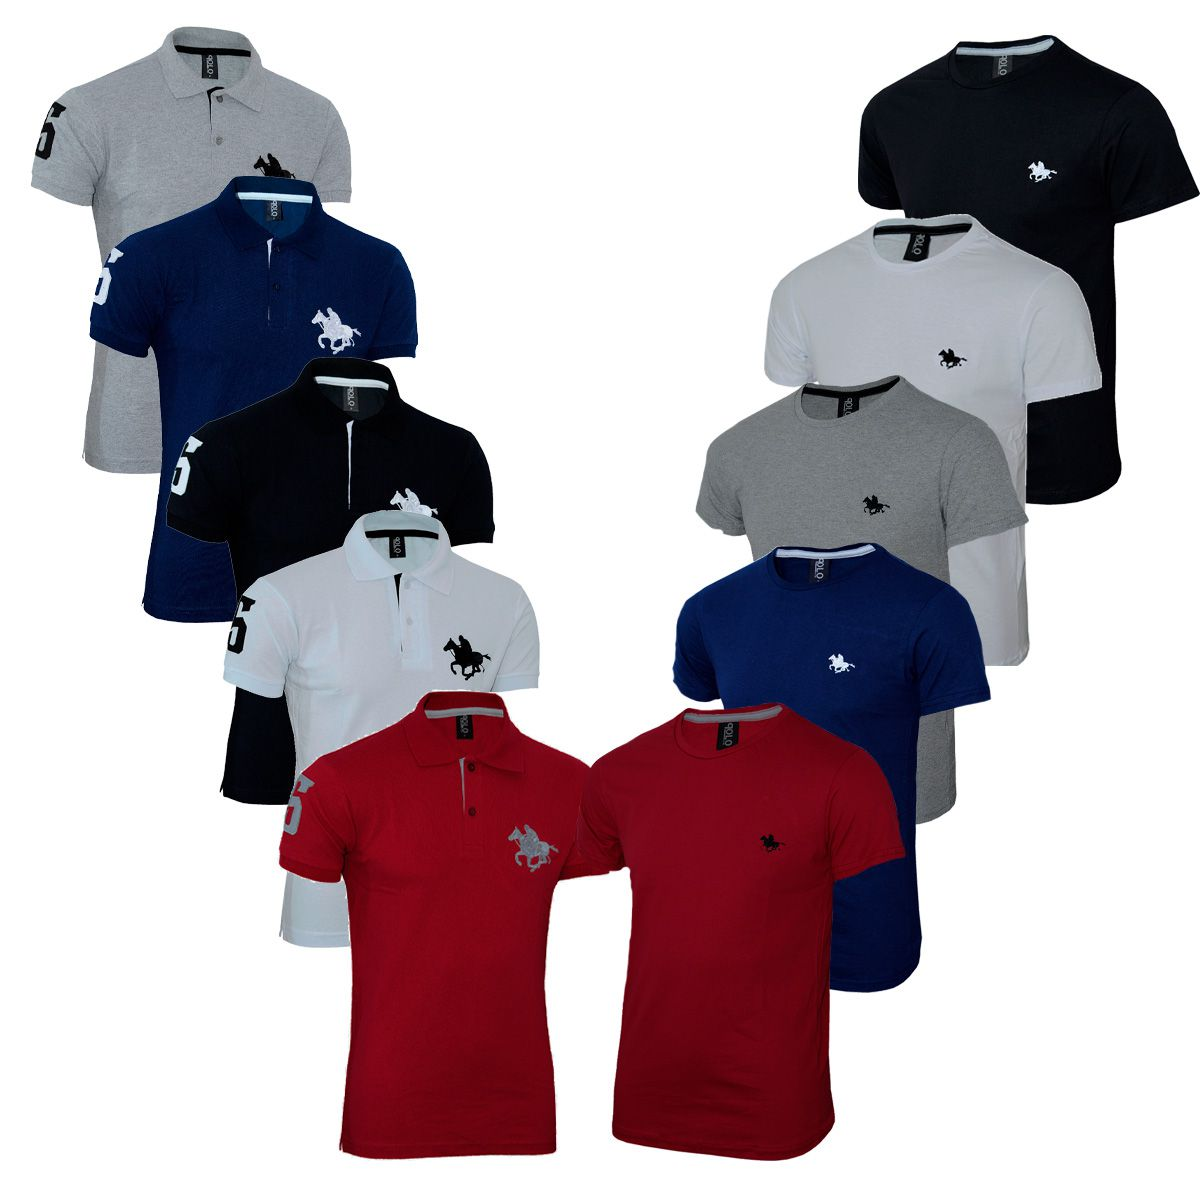 Kit 5 Camiseta e 5 Polos Masculina com Bordado RG518